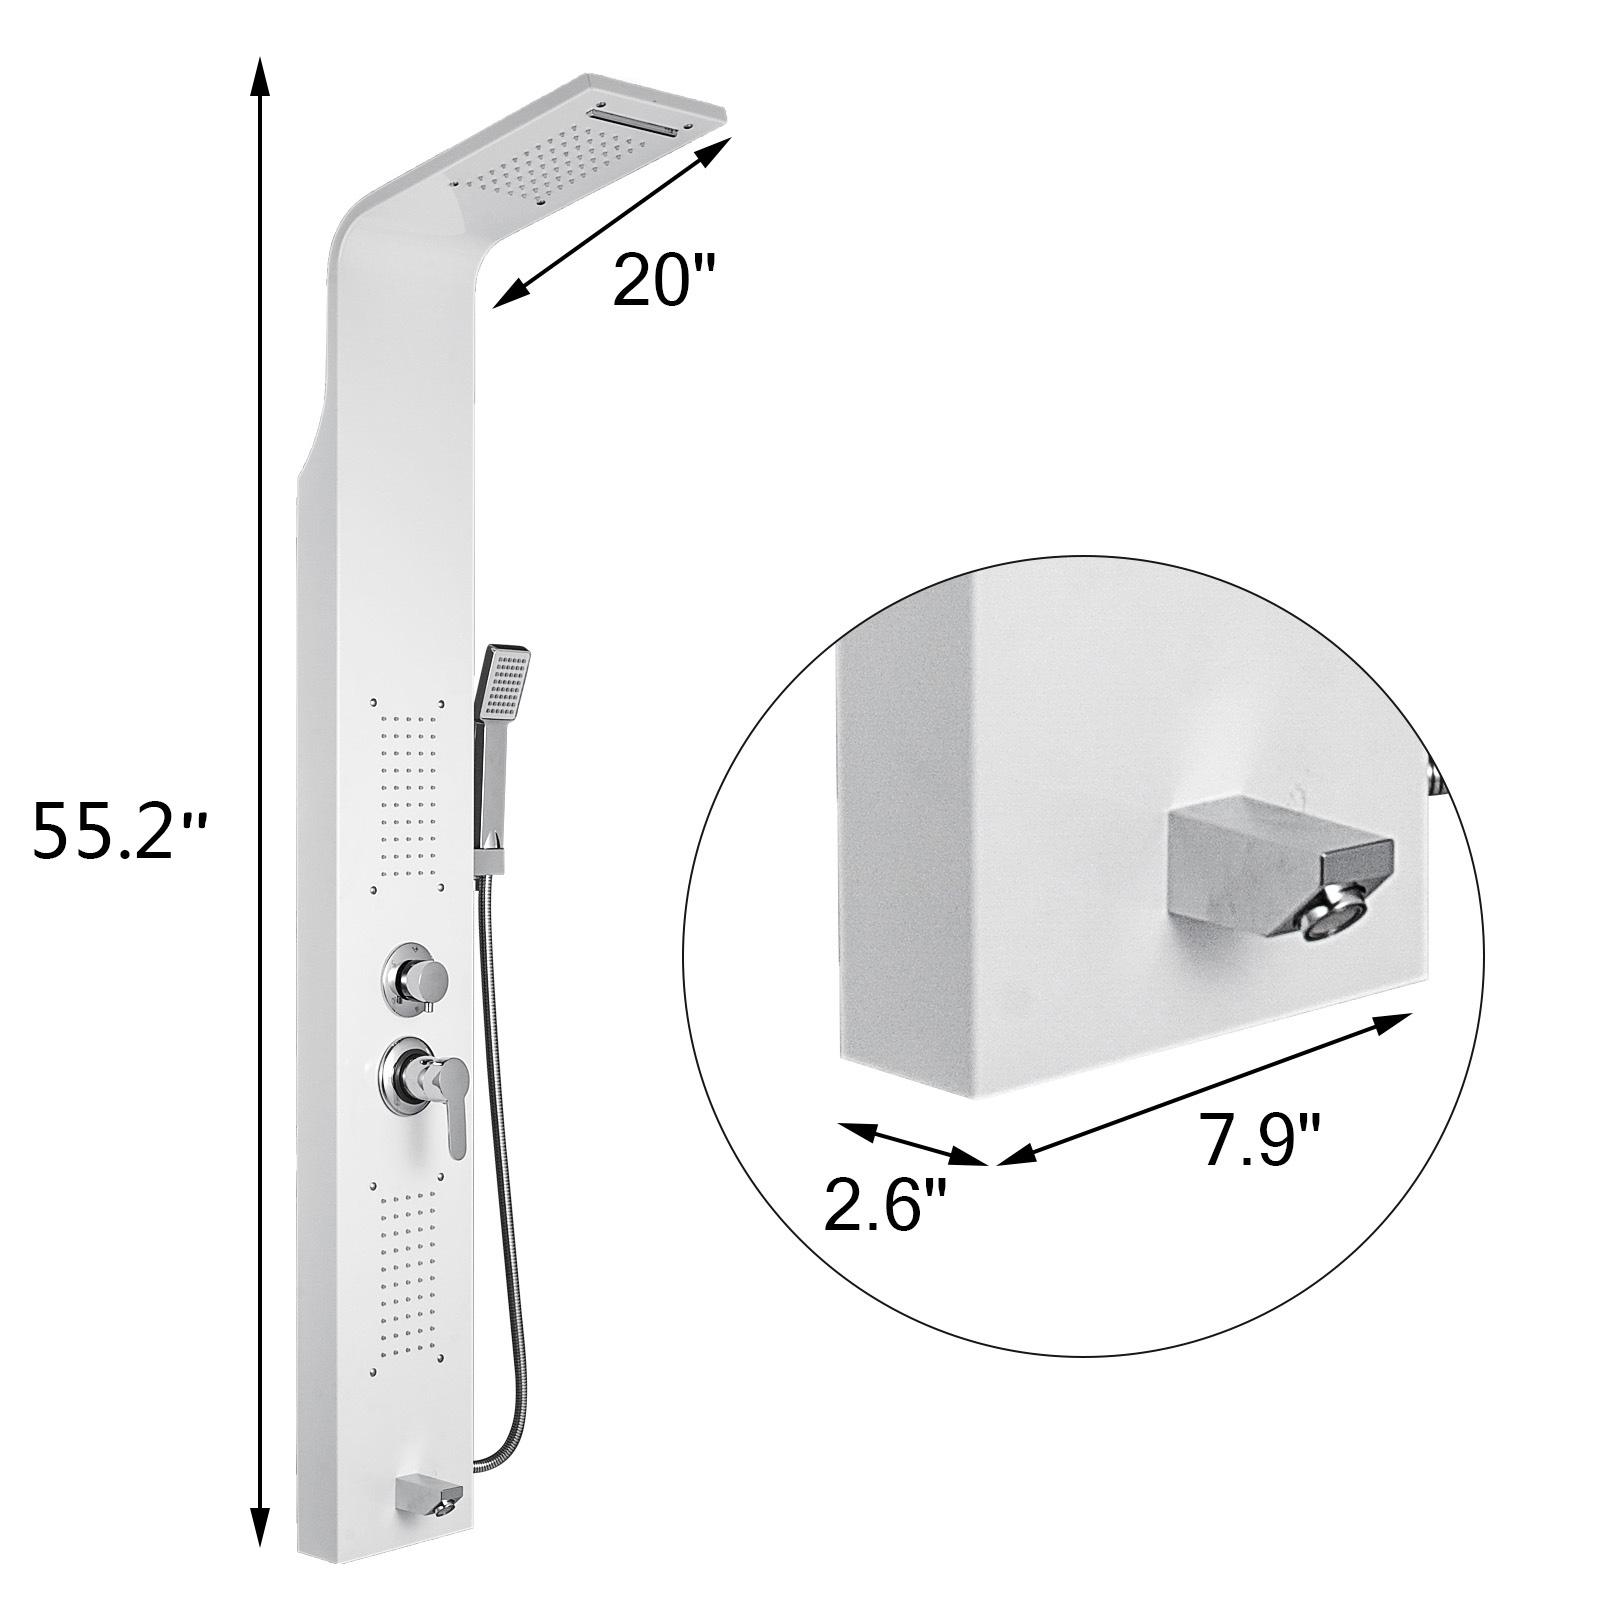 Pannello-doccia-idromassaggio-colonna-in-acciaio-inossidabile-con-miscelatore miniatura 14